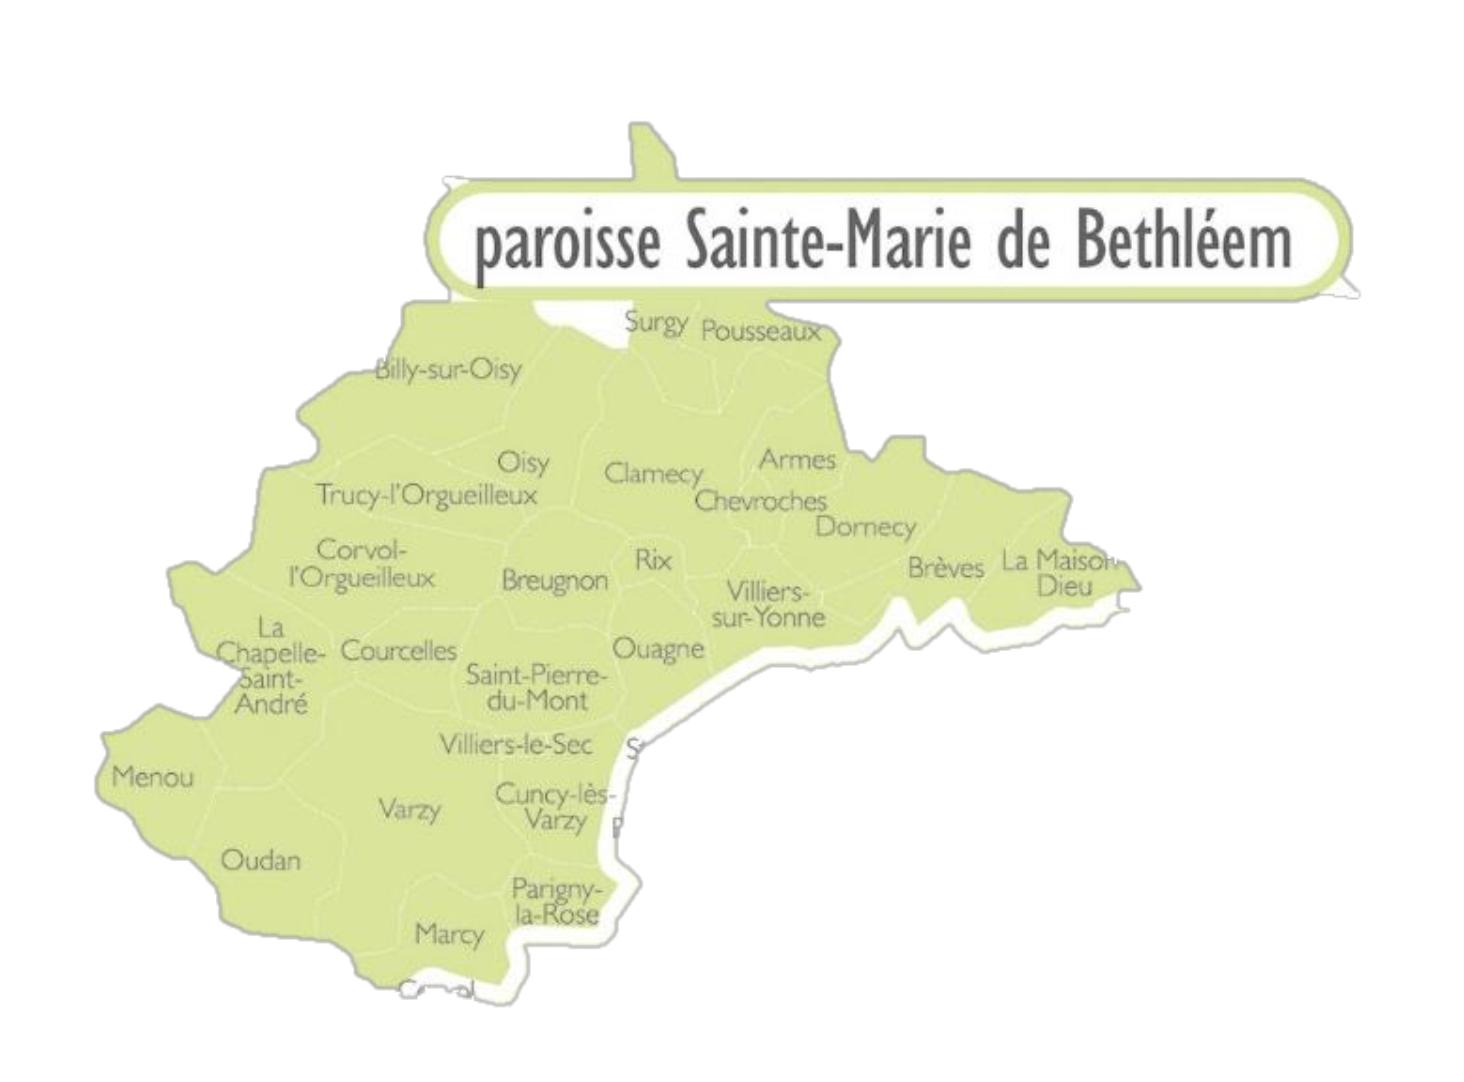 paroisse Sainte Marie de Bethléem